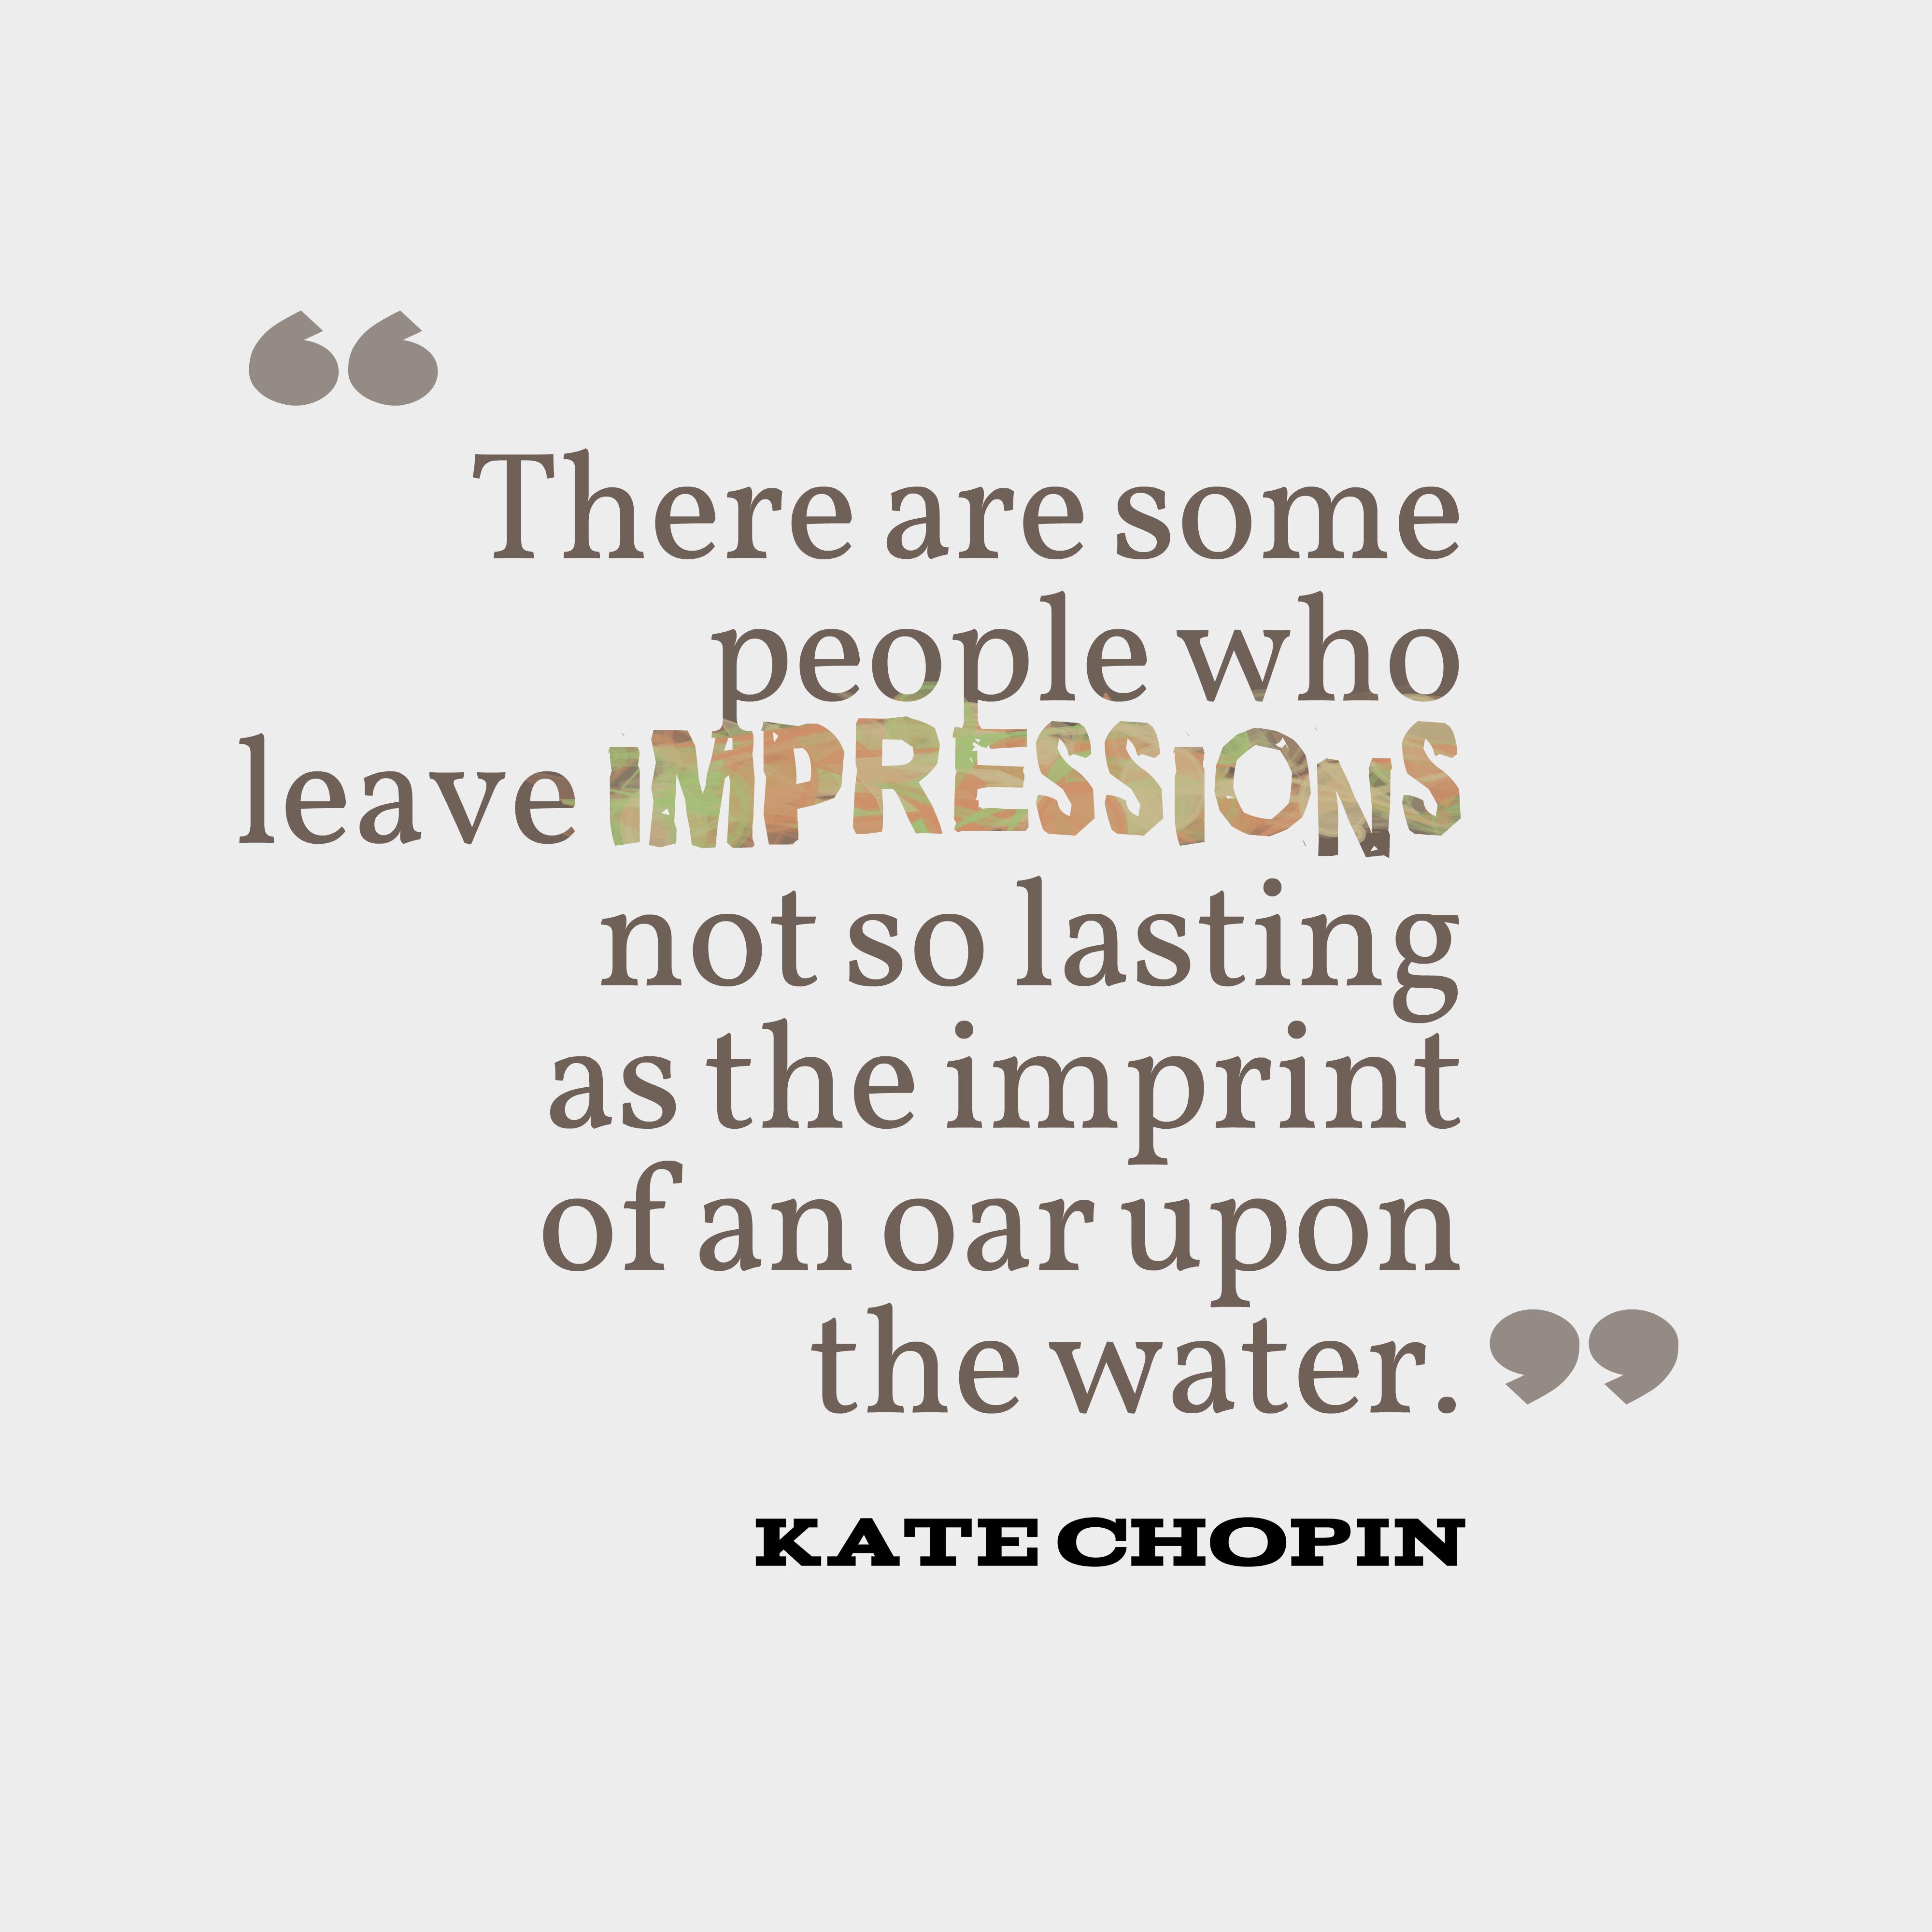 awakening kate chopin essay